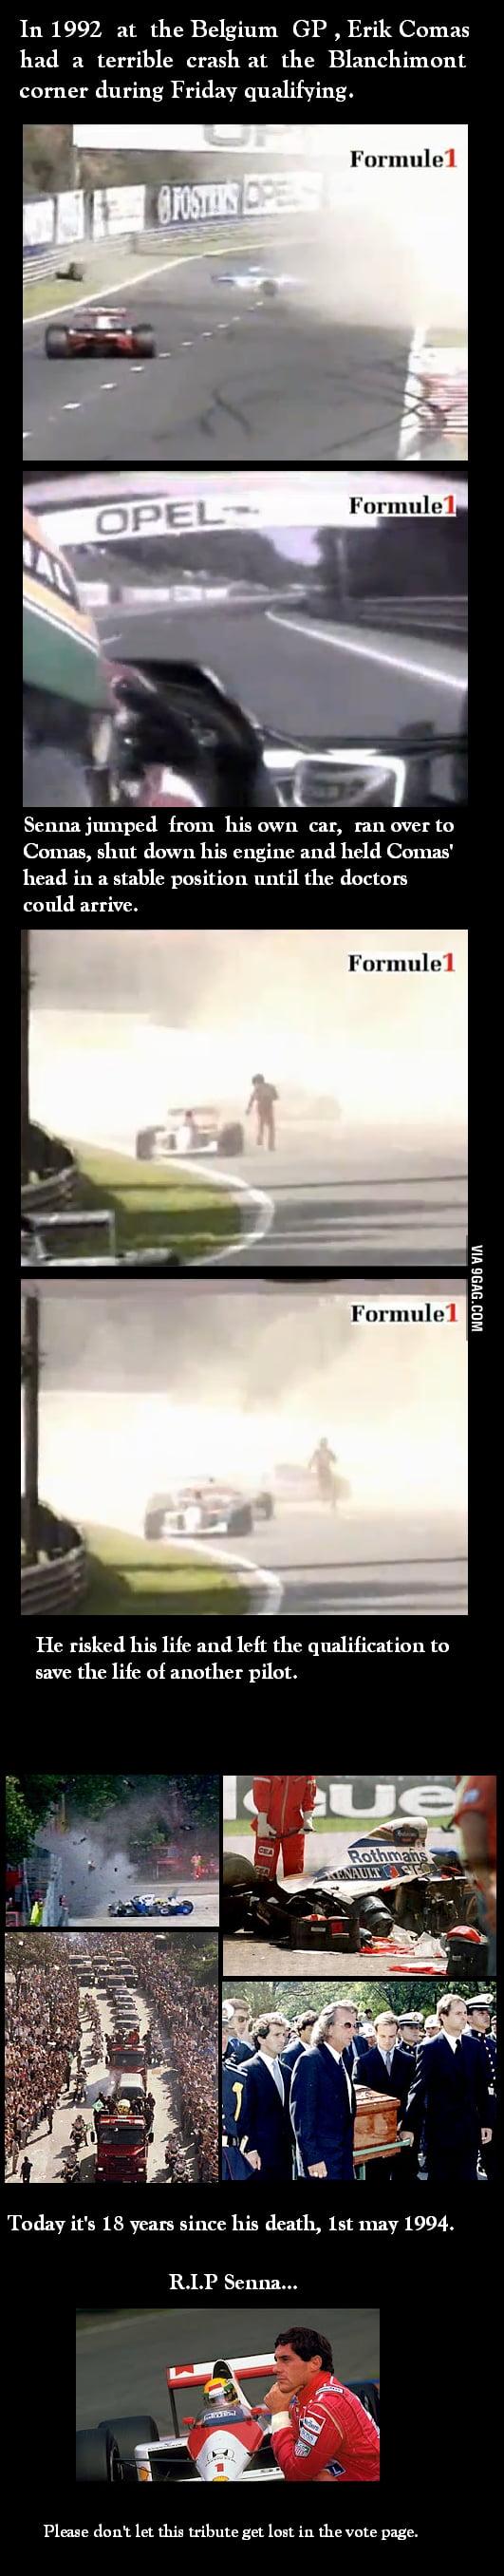 R.I.P. Senna